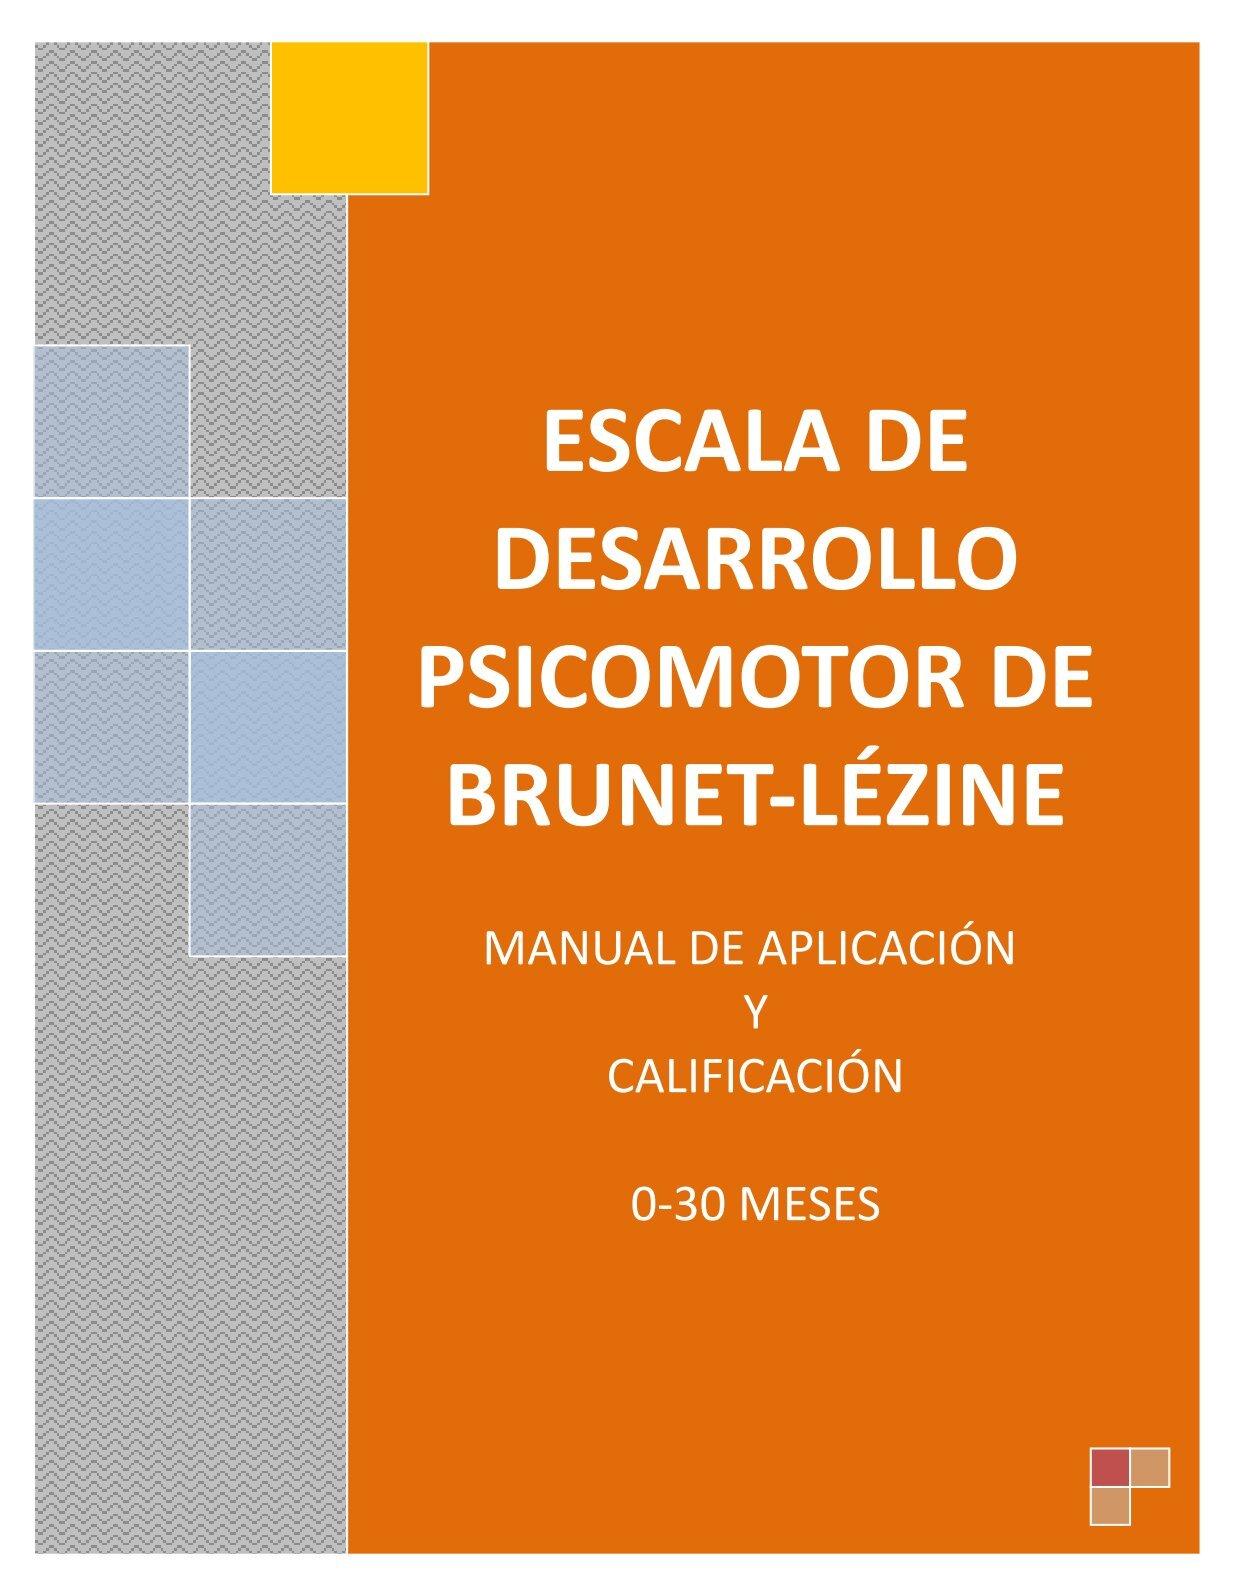 362309866-Test-Brunet-Lezine-Completo